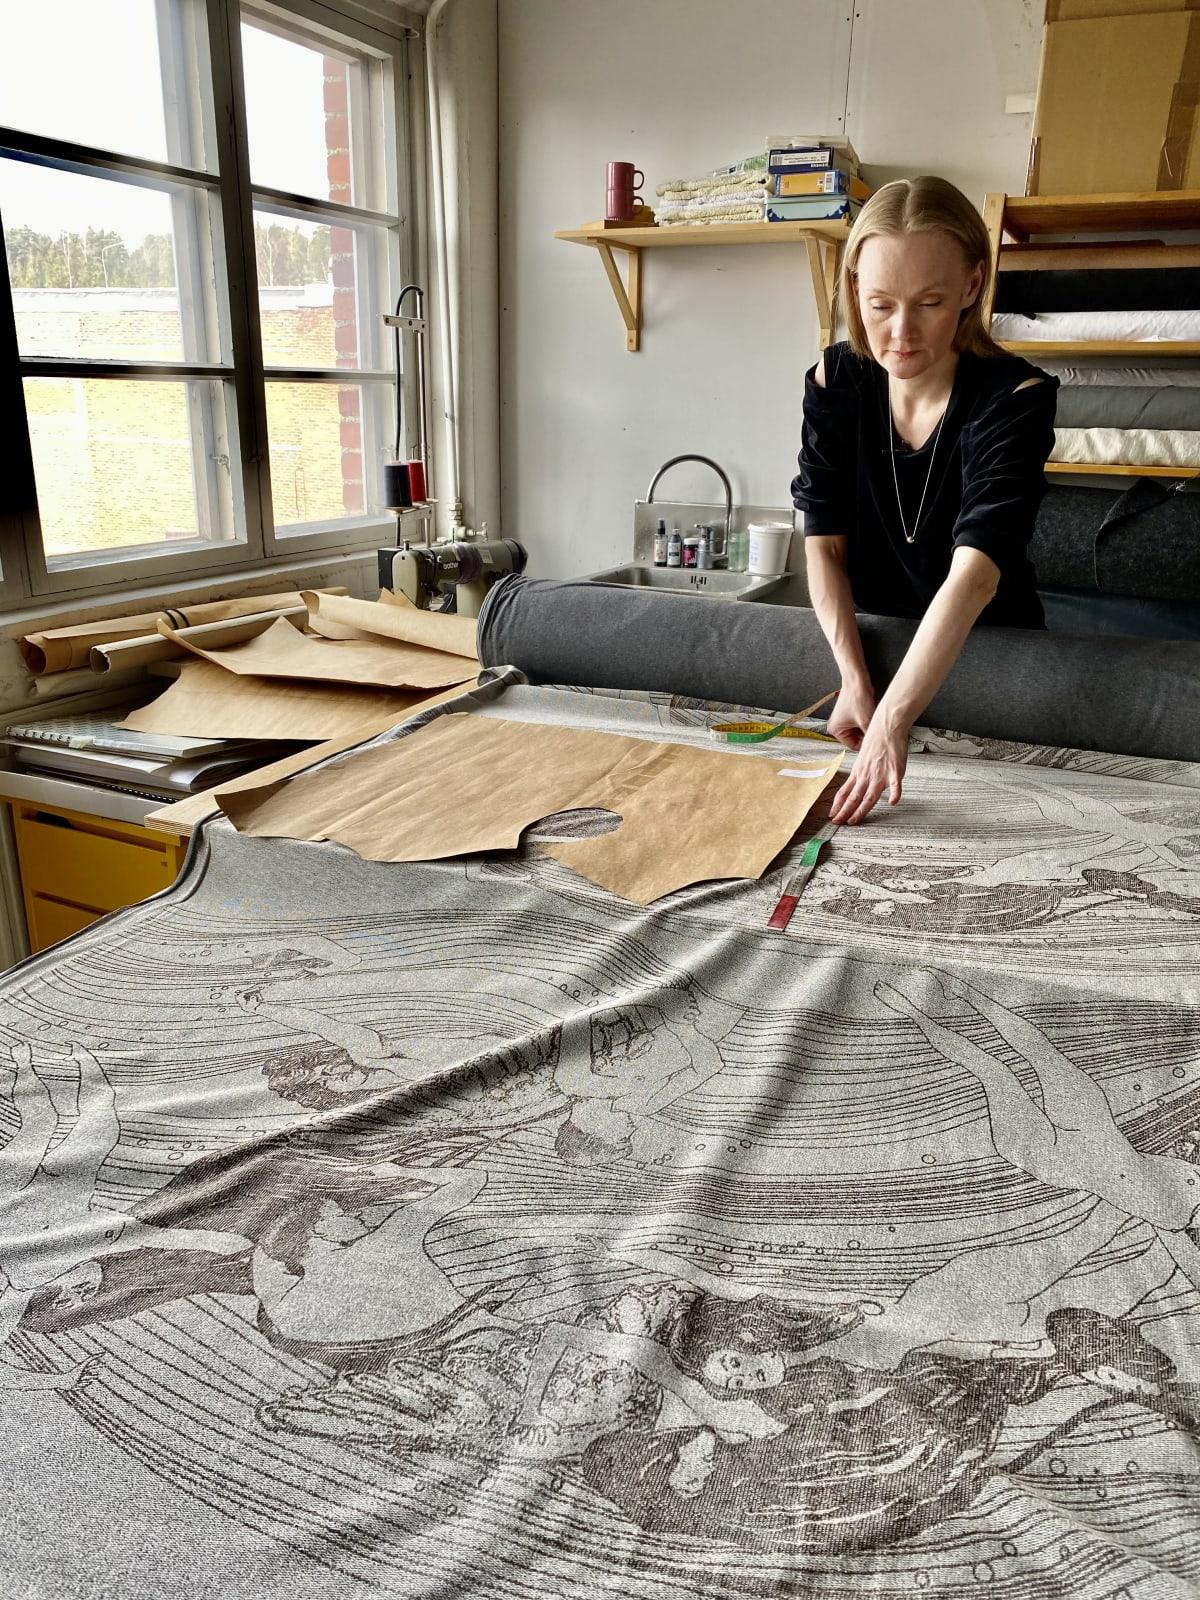 Vaatesuunnitelija Marjut Uotila tutkii työpöydälleen auki levitettyä kangasta.